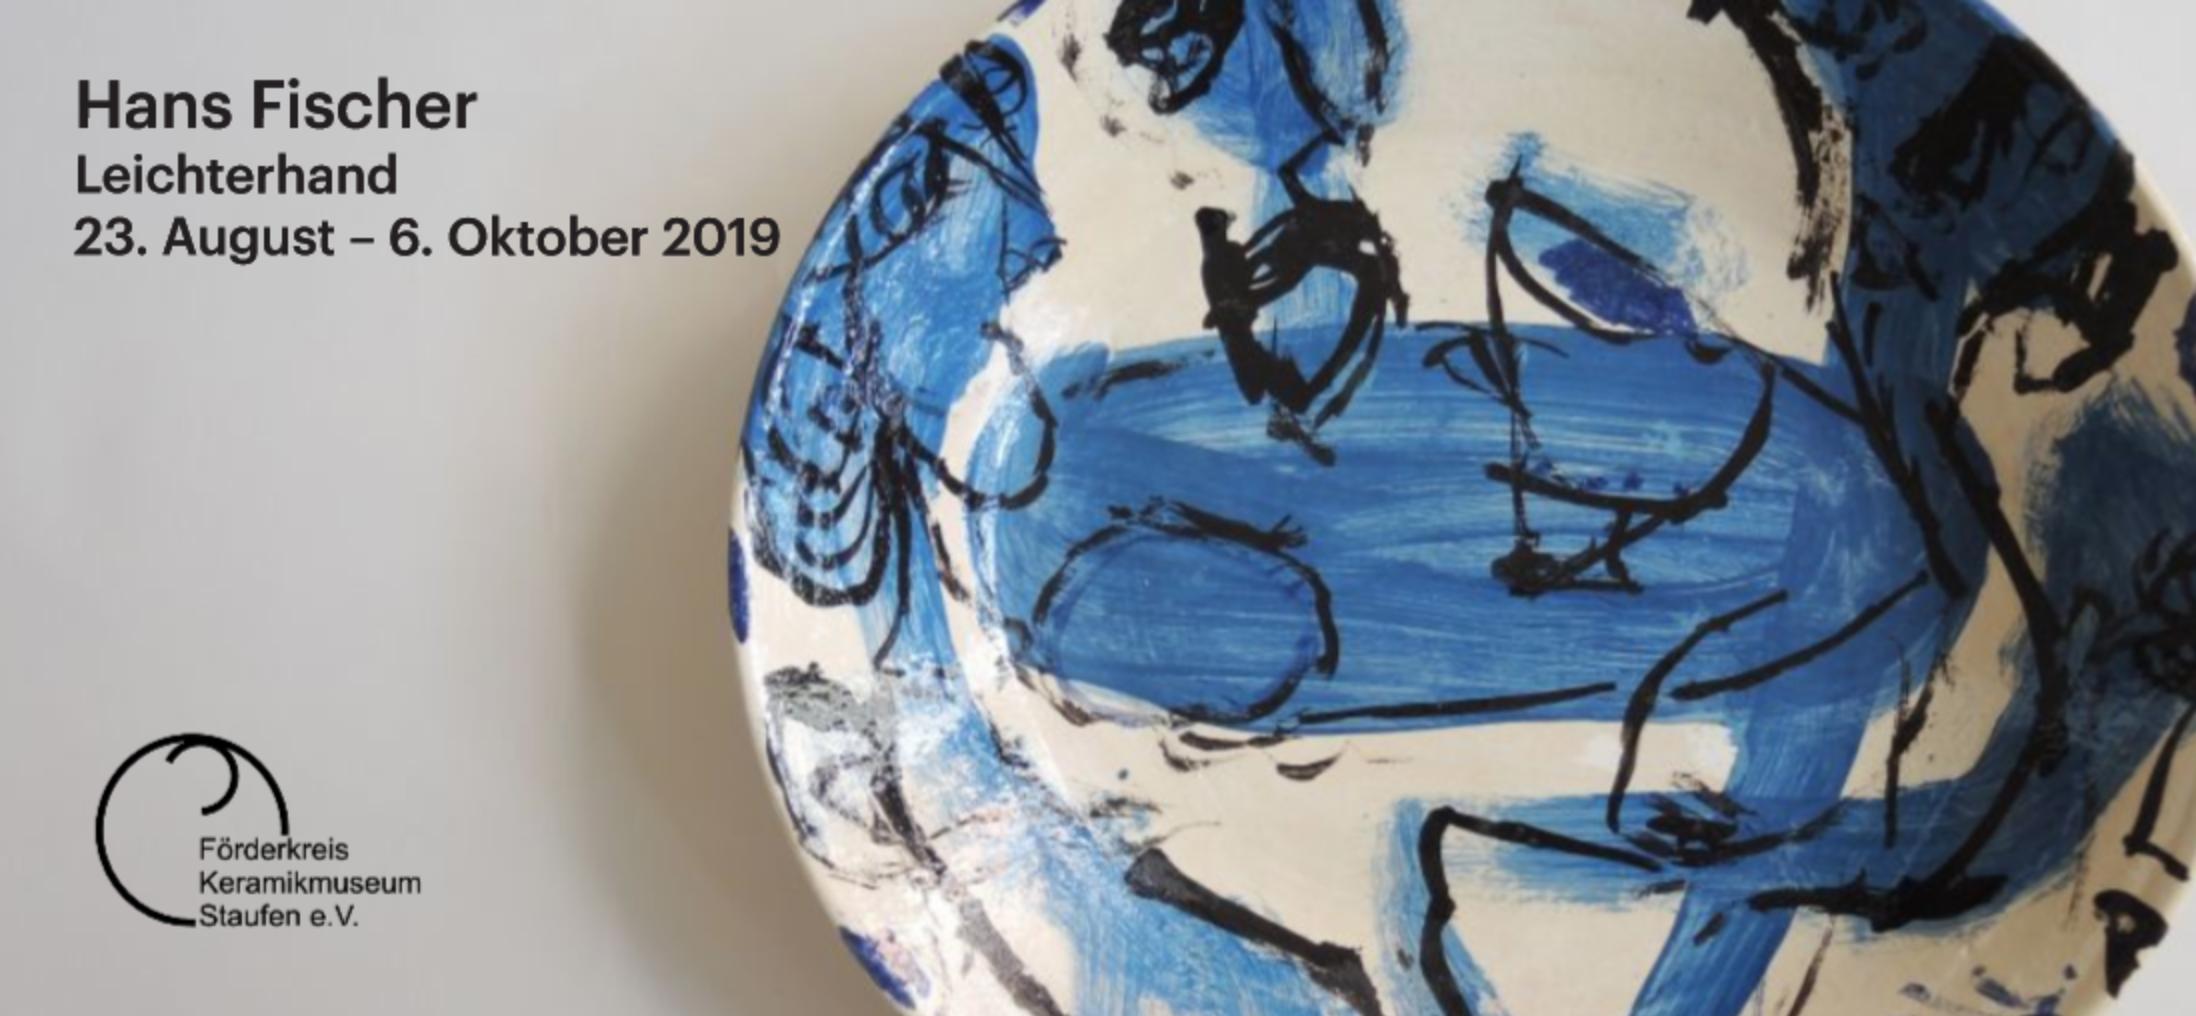 Hans Fischer – Leichterhand: Staufen vom 23.08. – 06.10.2019